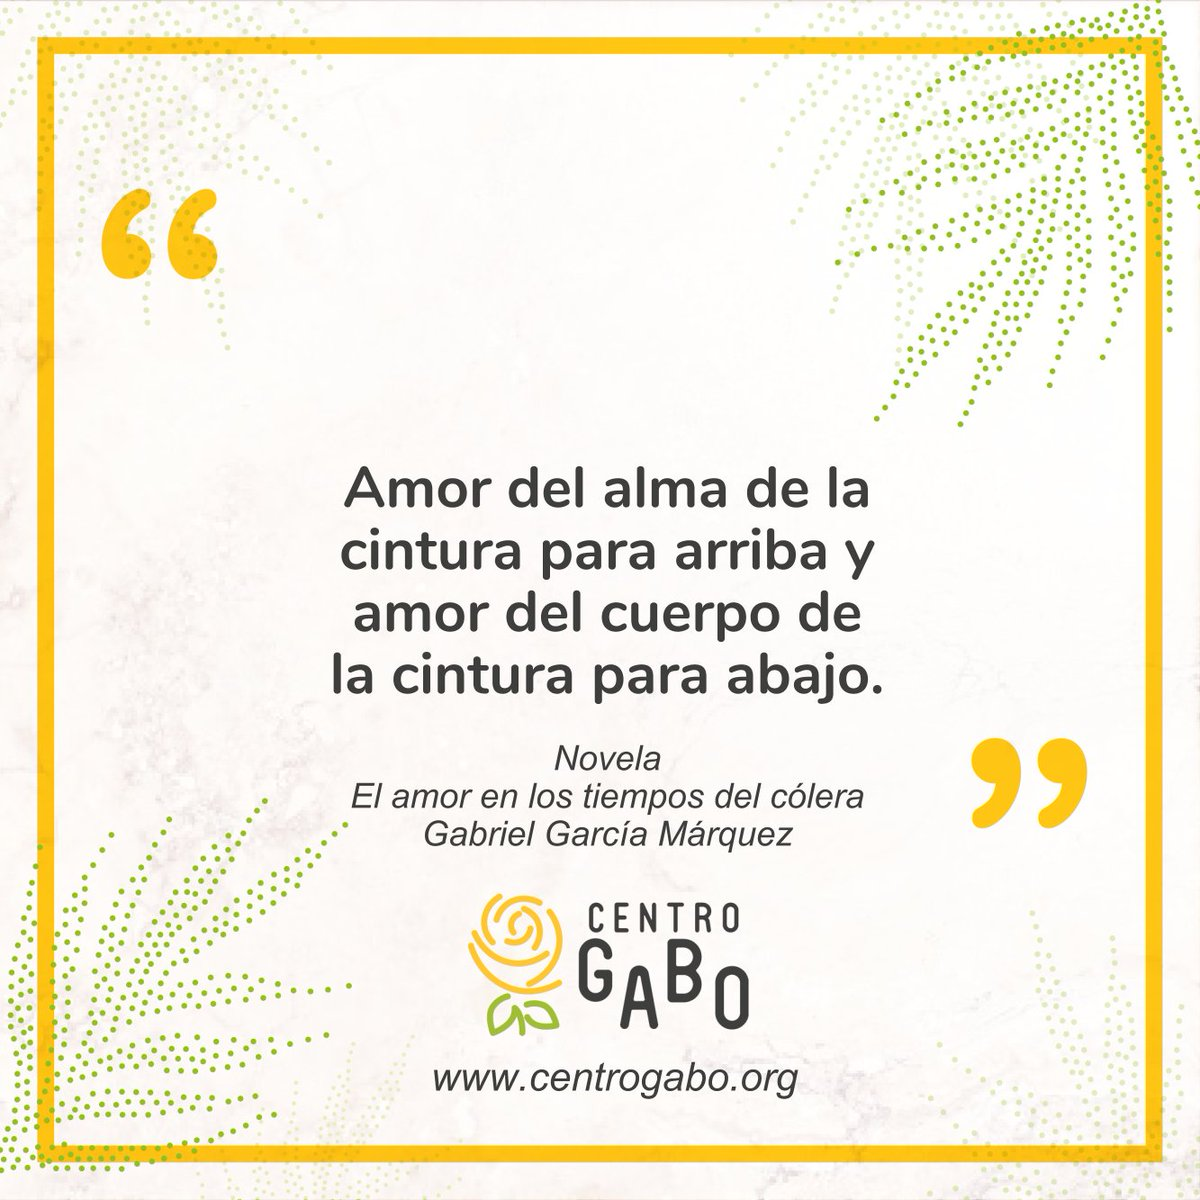 Fundación Gabo Na Twitteru Un De Las Frases Capitales De